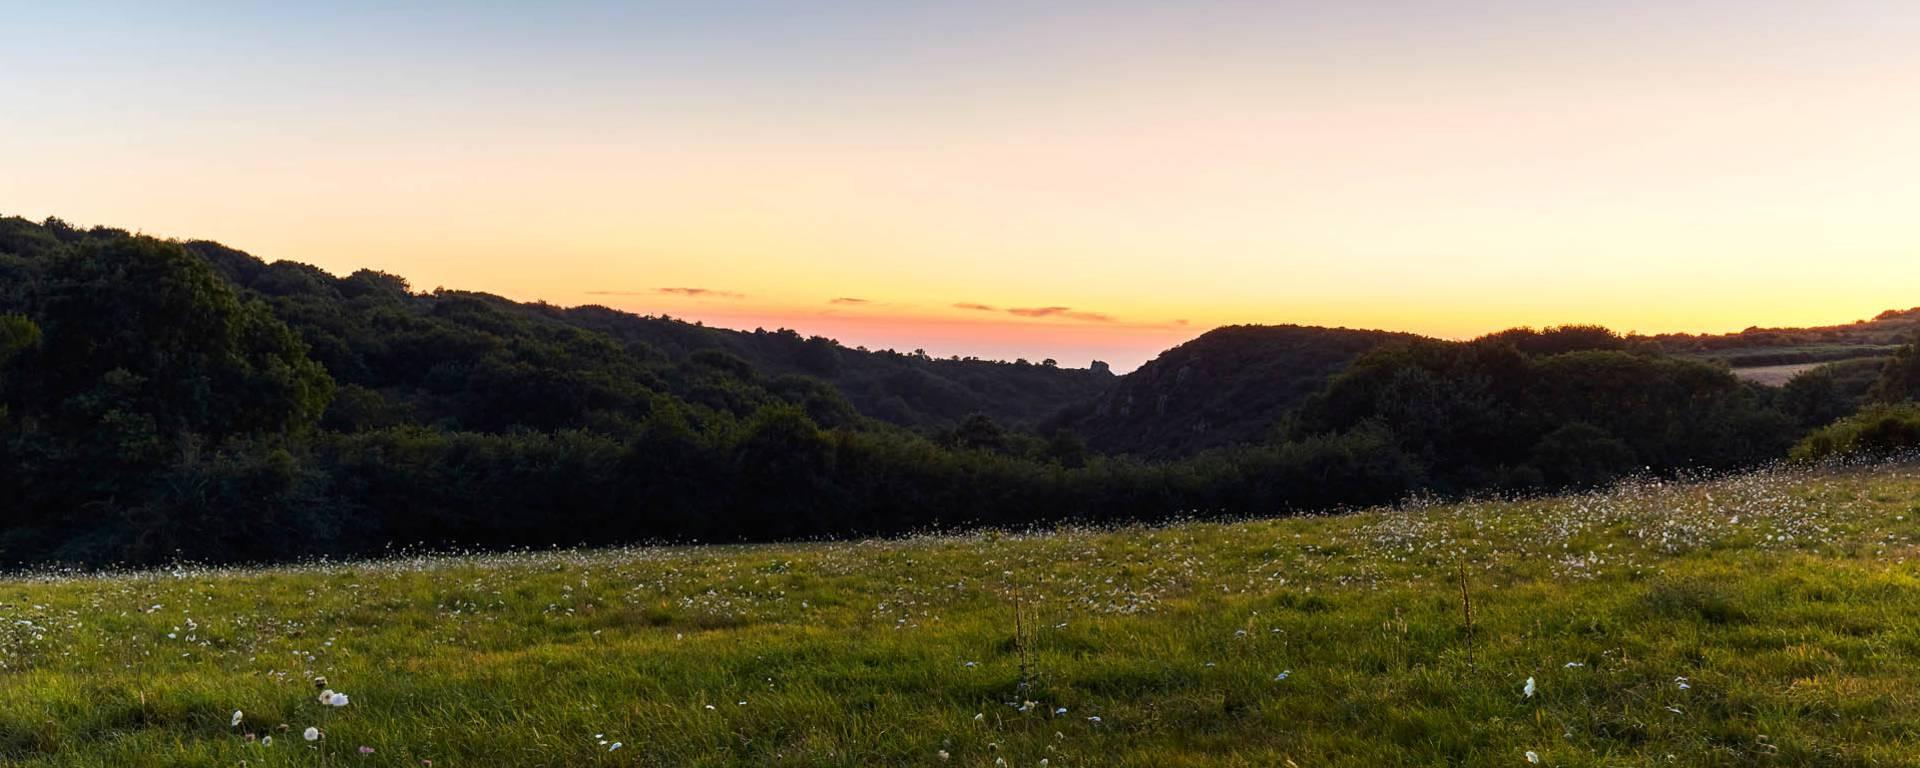 Coucher de soleil à couper le souffle sur la Vallée du Lude à Carolles.